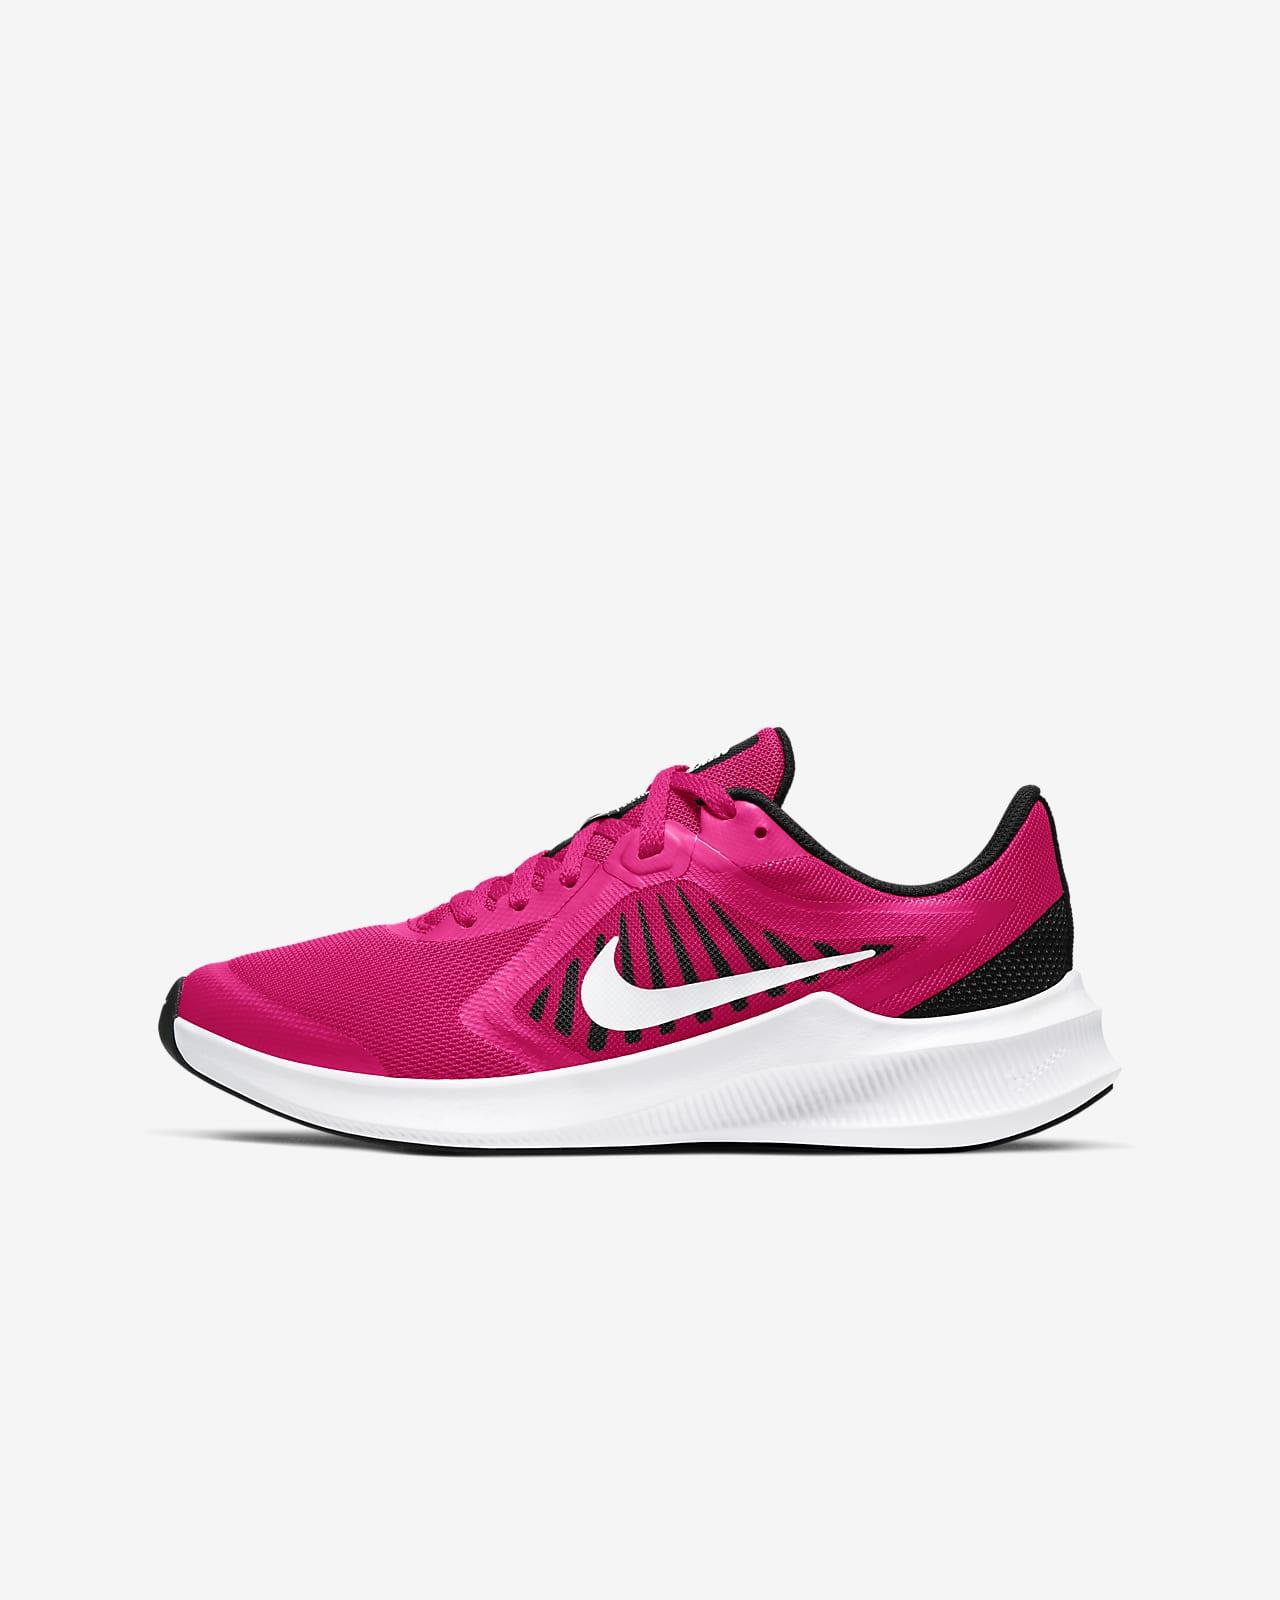 Nike Downshifter 10 Older Kids' Running Shoes